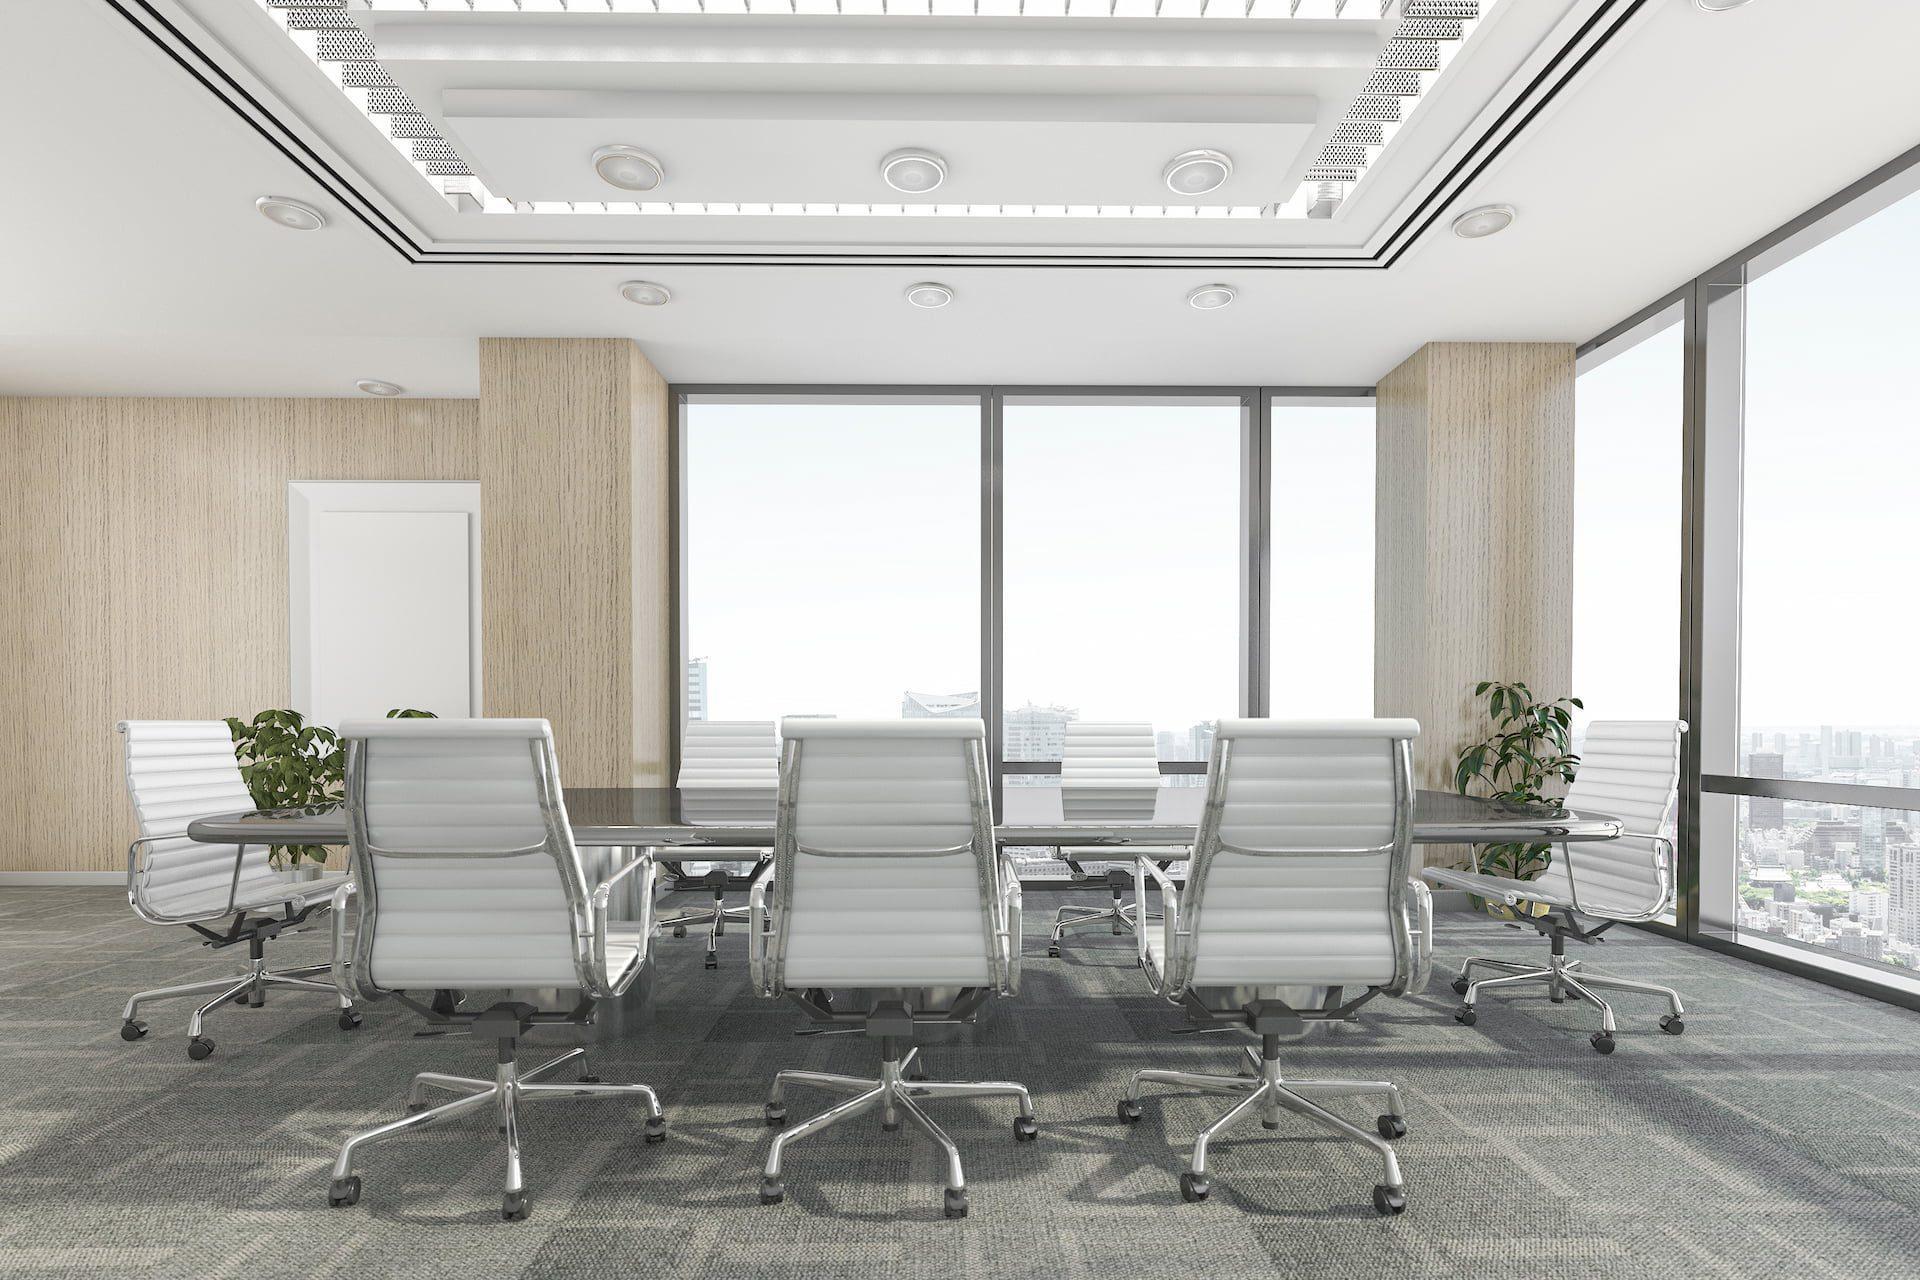 rendering of meeting room in office